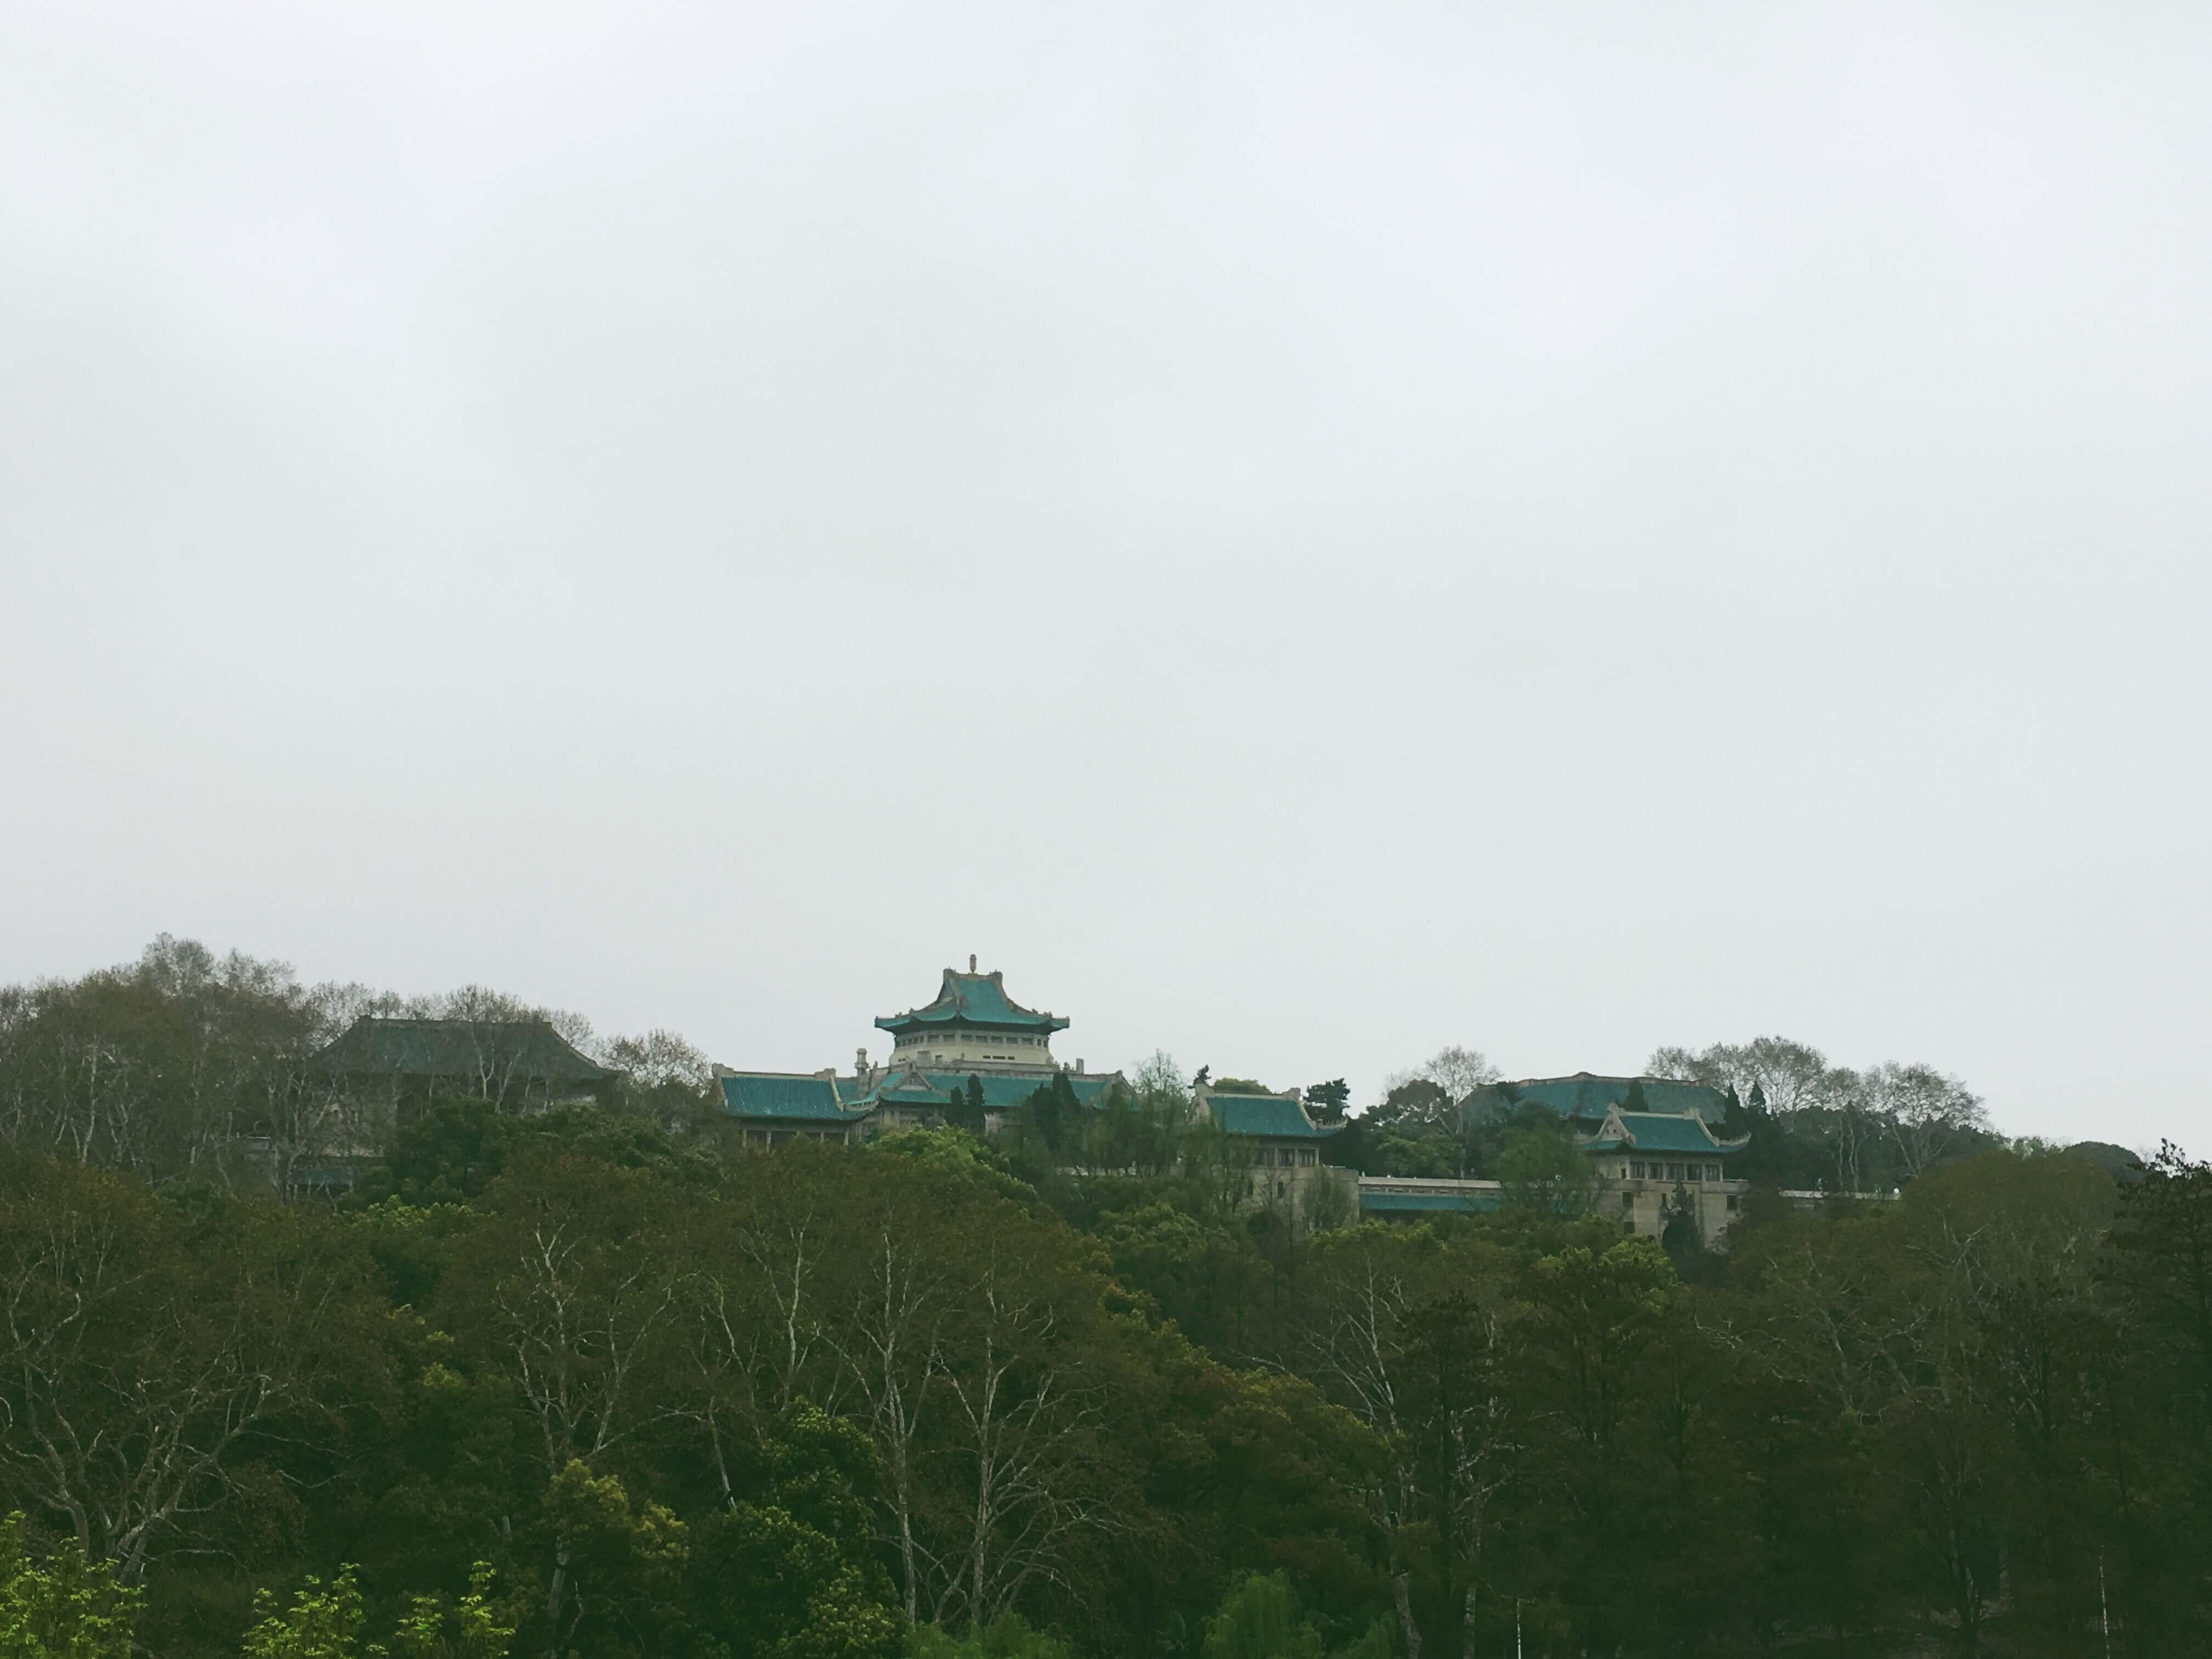 《Wuhan University》